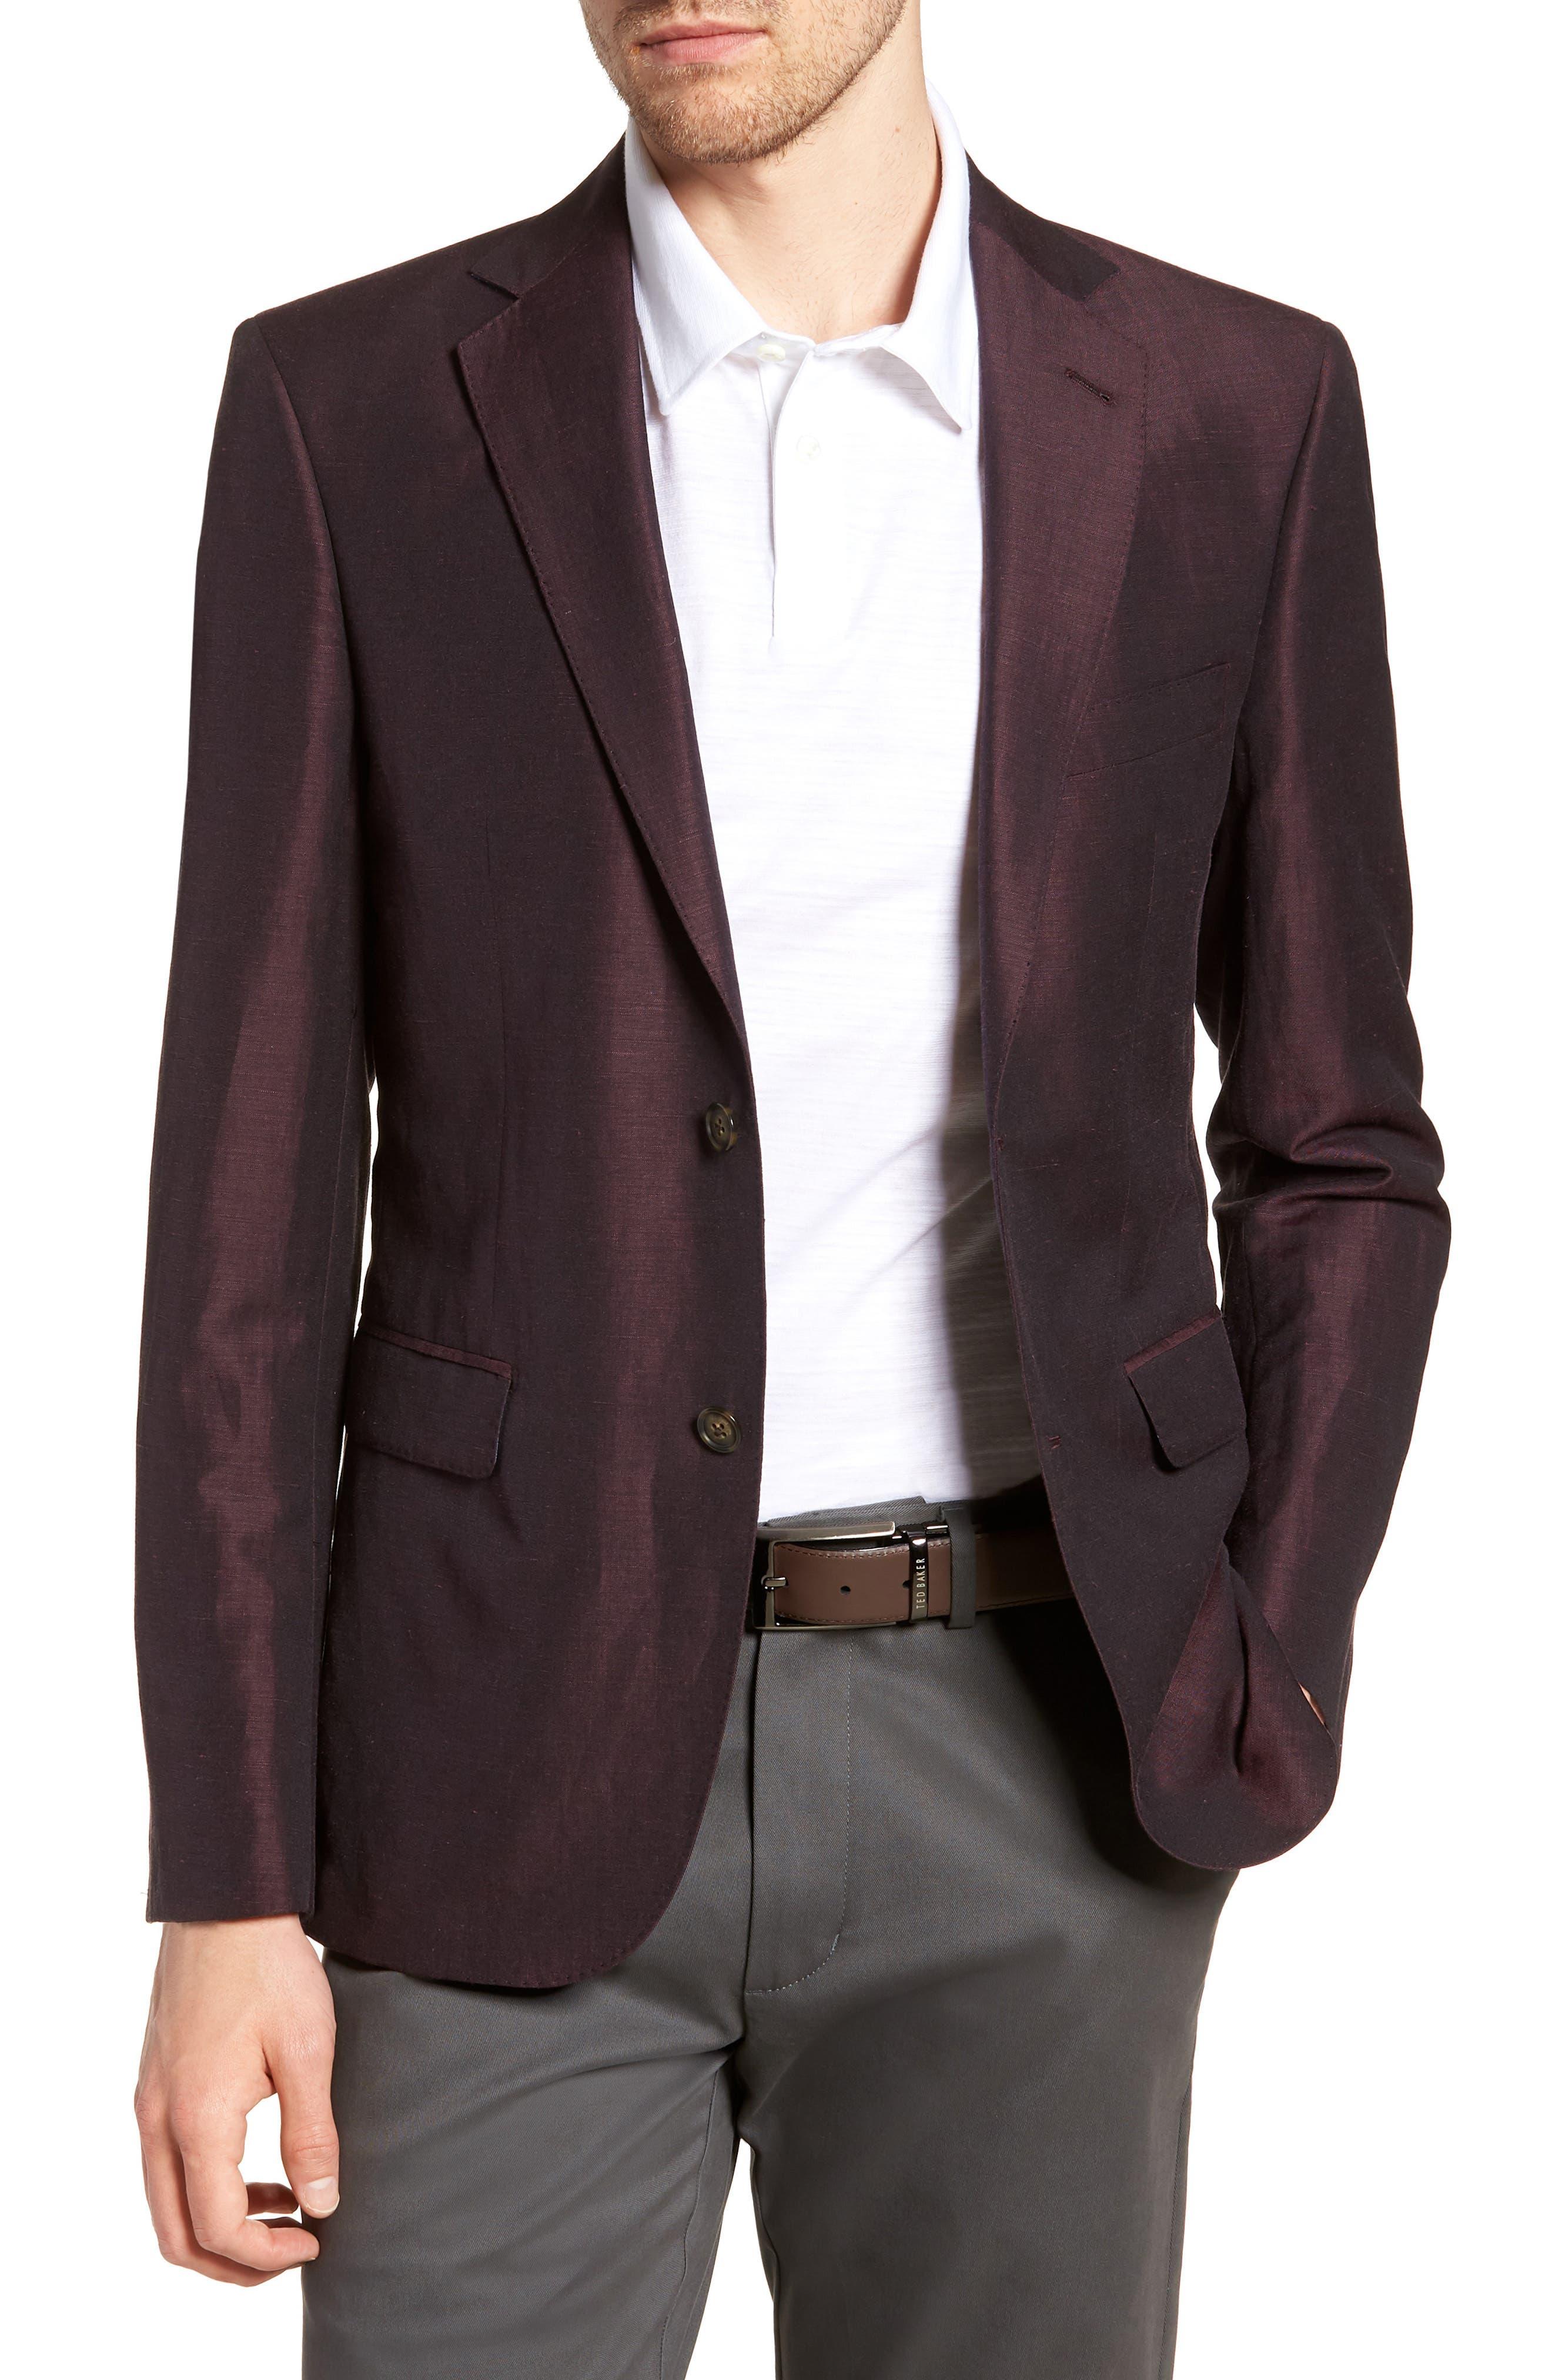 Shelby Trim Fit Wool & Linen Suit Jacket,                         Main,                         color,